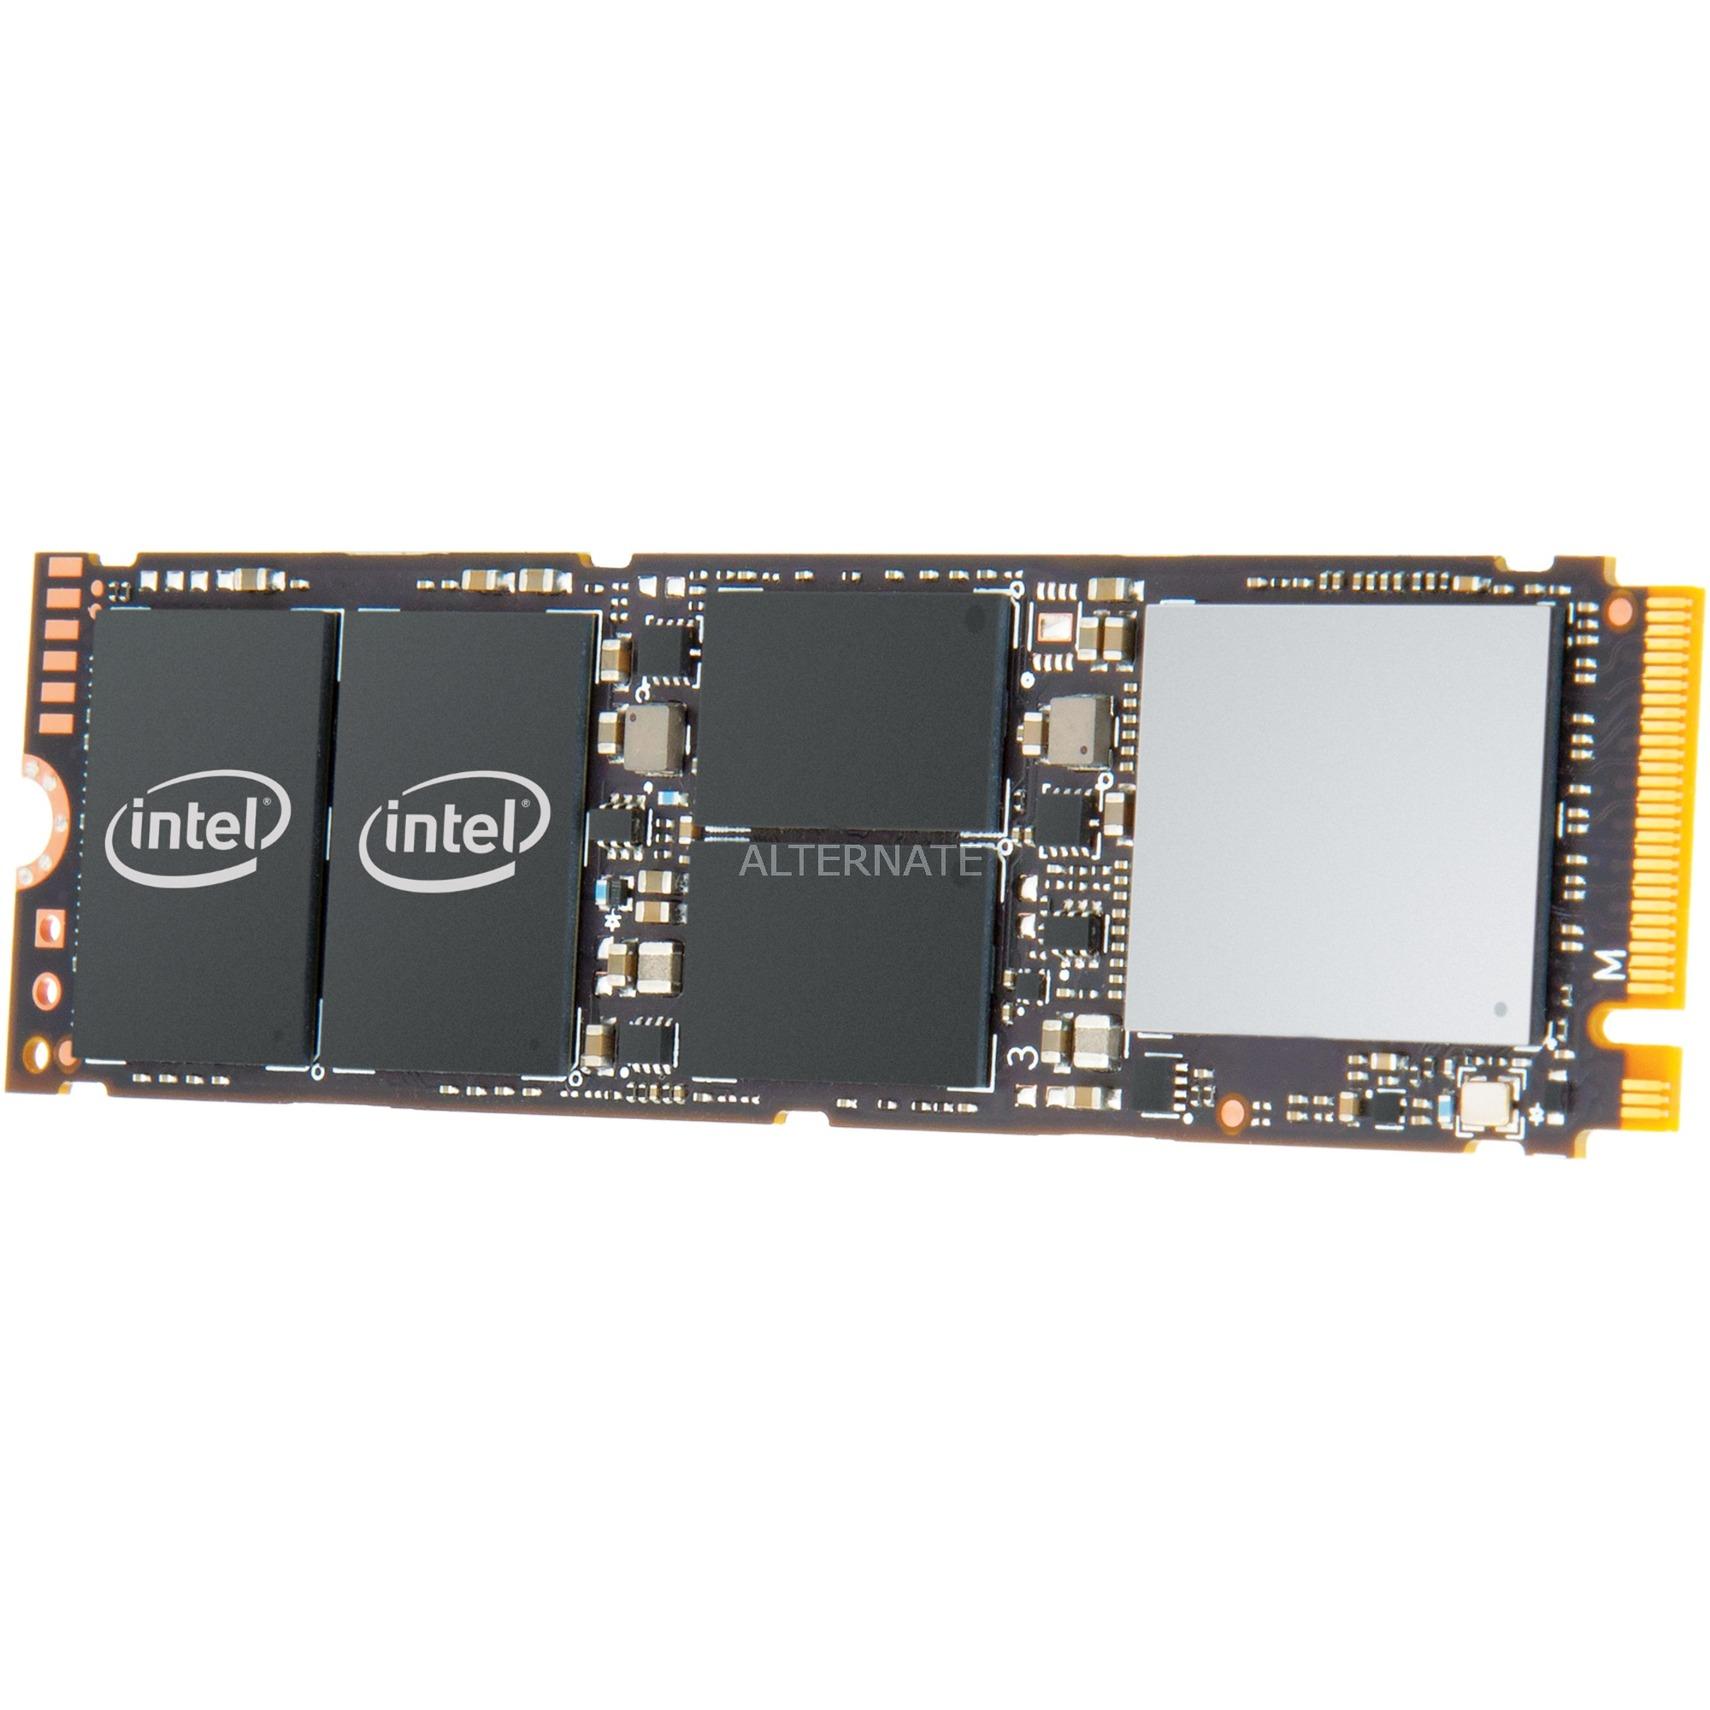 760p unidad de estado sólido M.2 1024 GB PCI Express 3.0 3D2 TLC NVMe